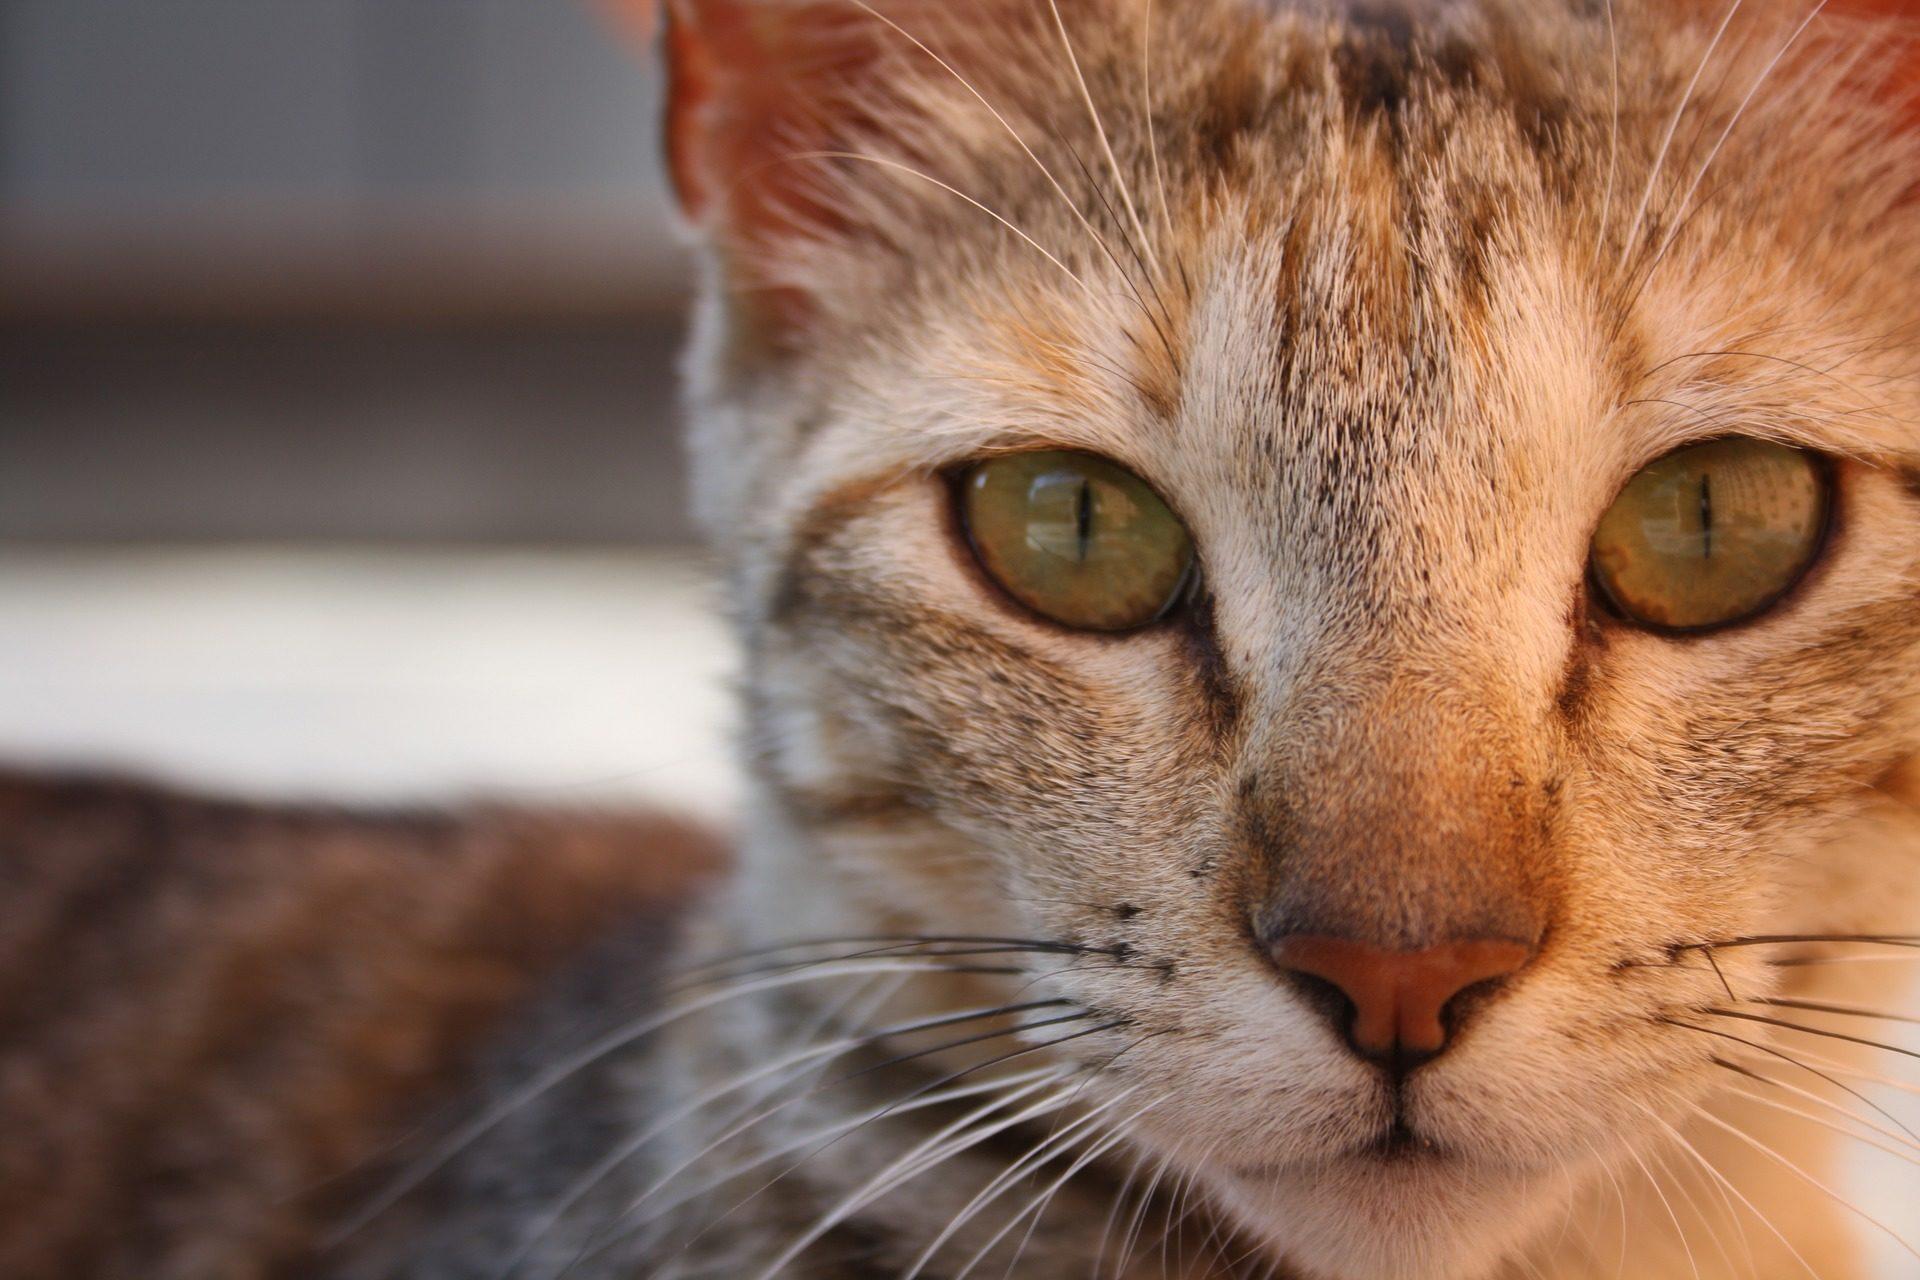 猫, ネコ科の動物, ペット, ,外観, 目, ひげ, に関しては - HD の壁紙 - 教授-falken.com